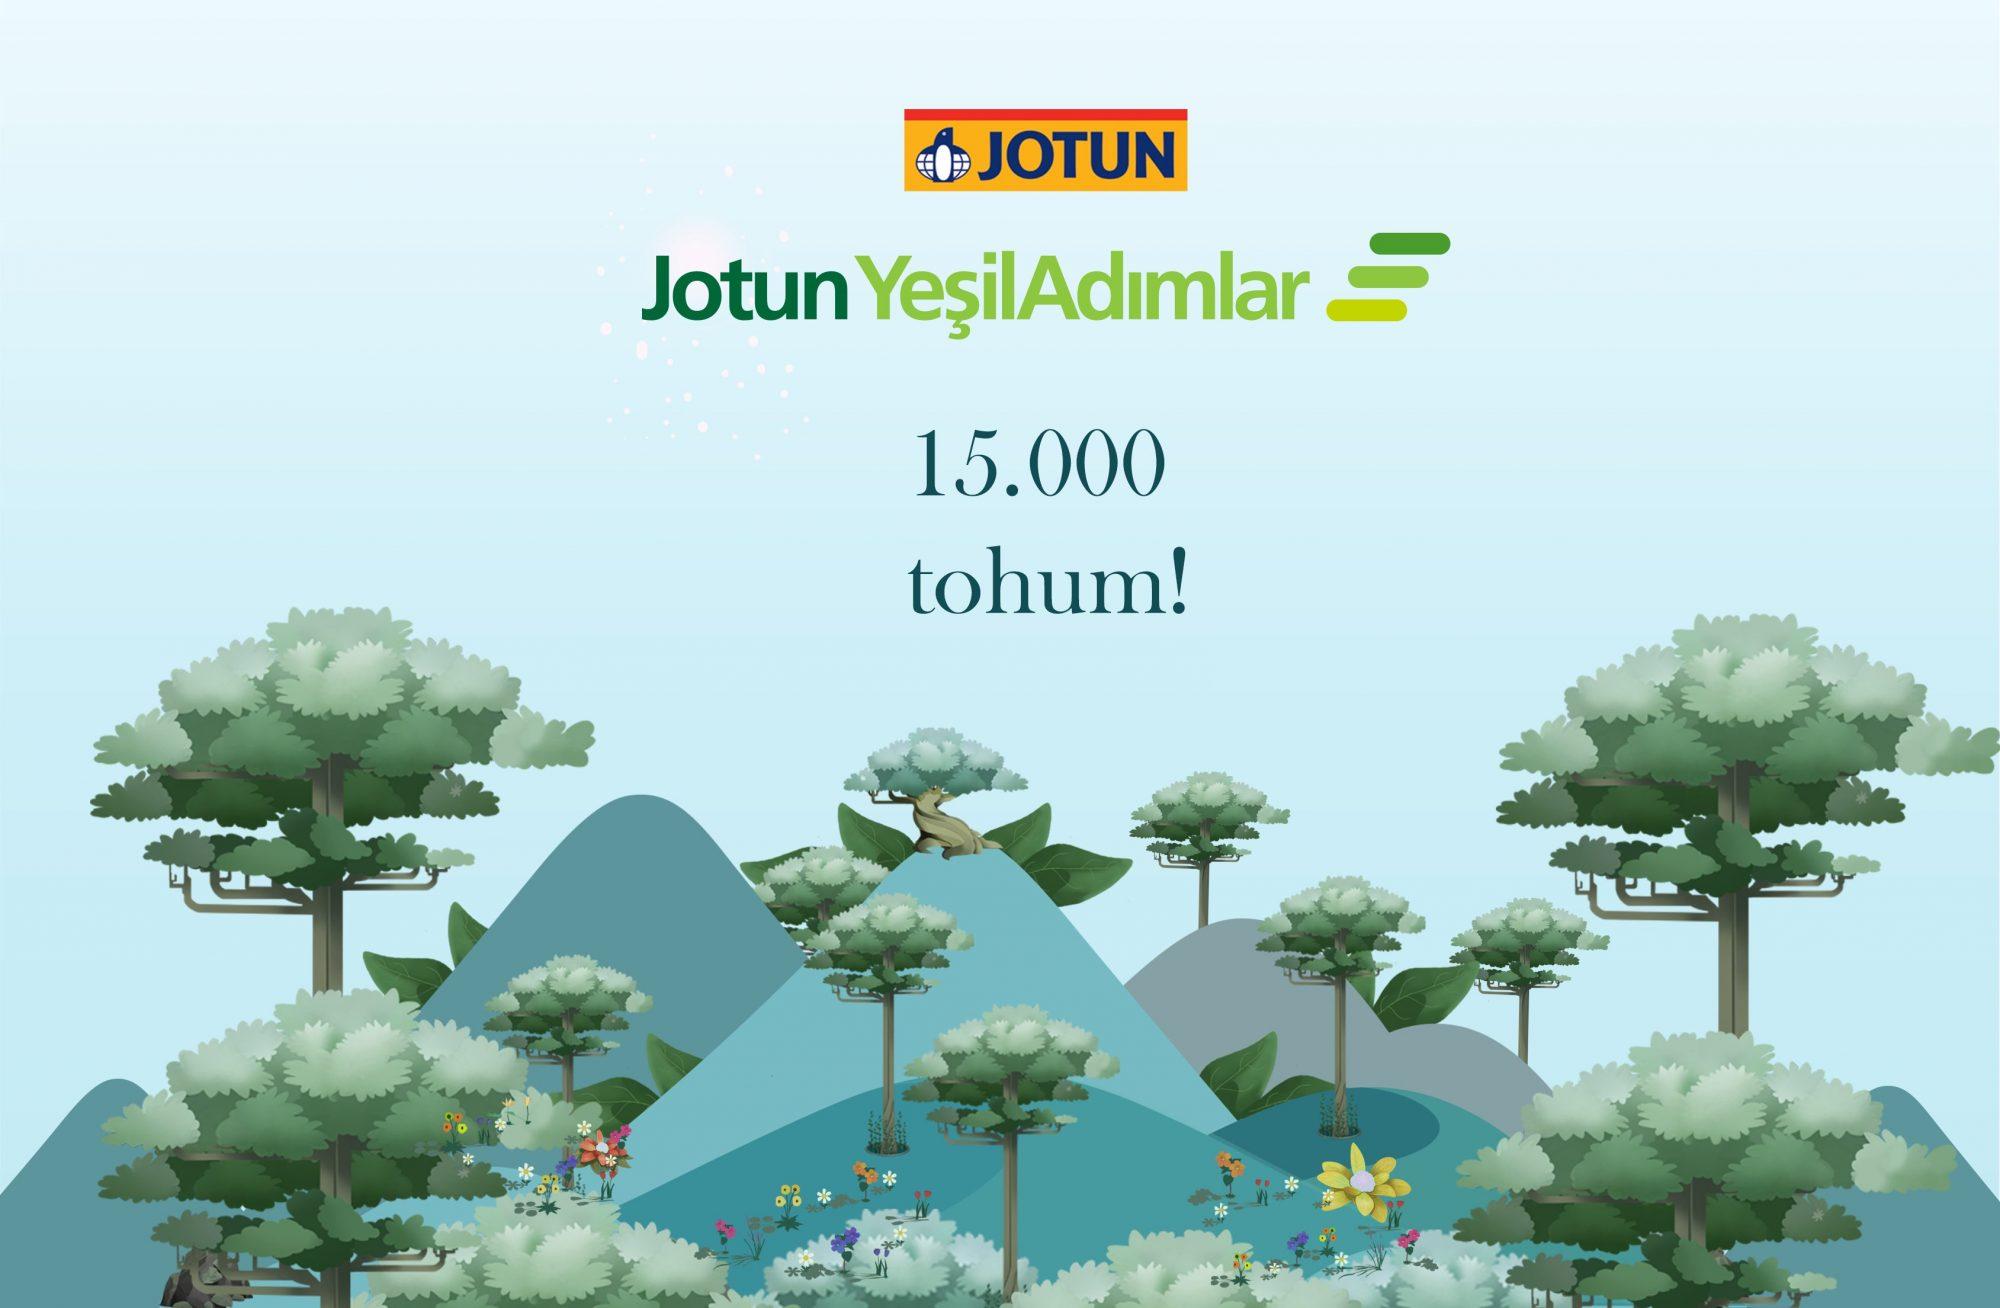 JOTUN YEŞİLADIMLAR İLE 15.000 TOHUMA ULAŞTIK!